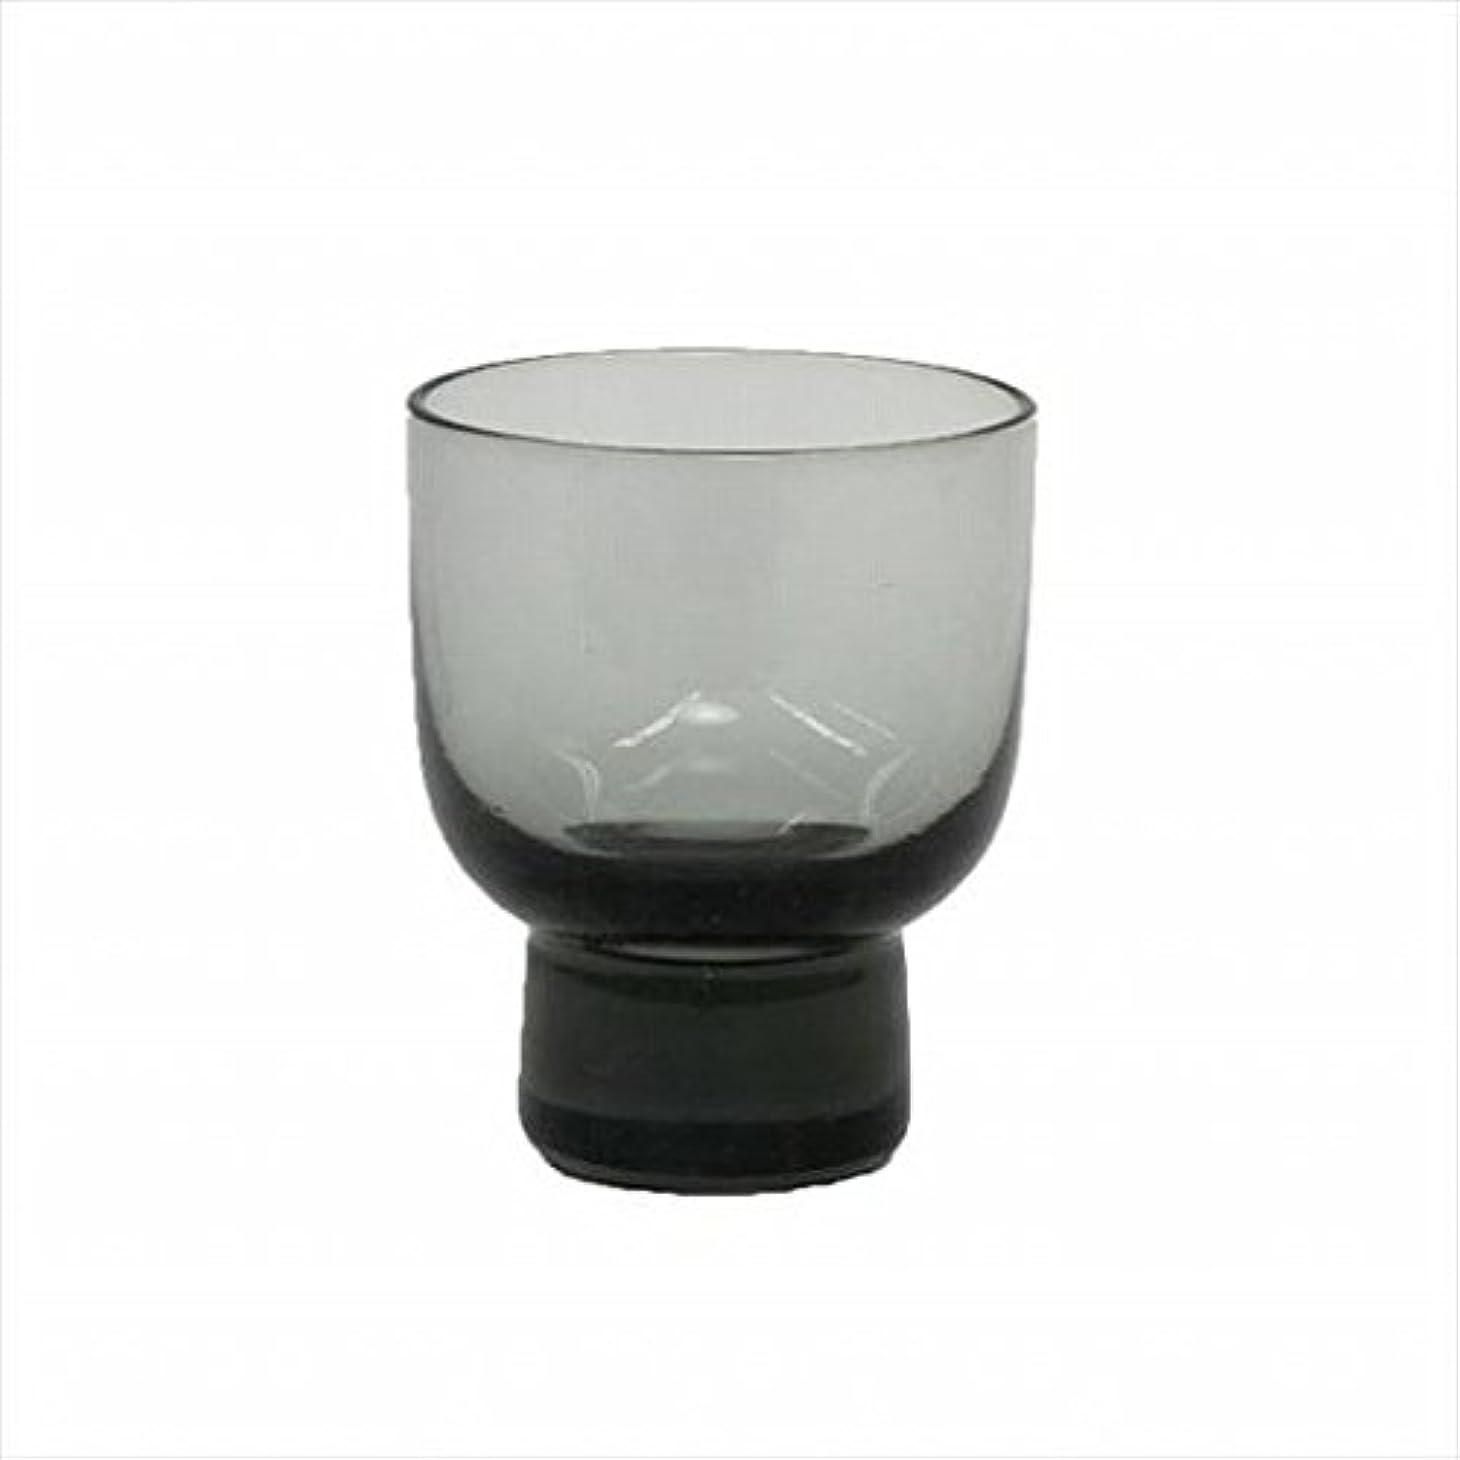 識別論理的鋸歯状kameyama candle(カメヤマキャンドル) ロキカップ 「 スモーク 」 キャンドル 58x58x70mm (I8236100SM)